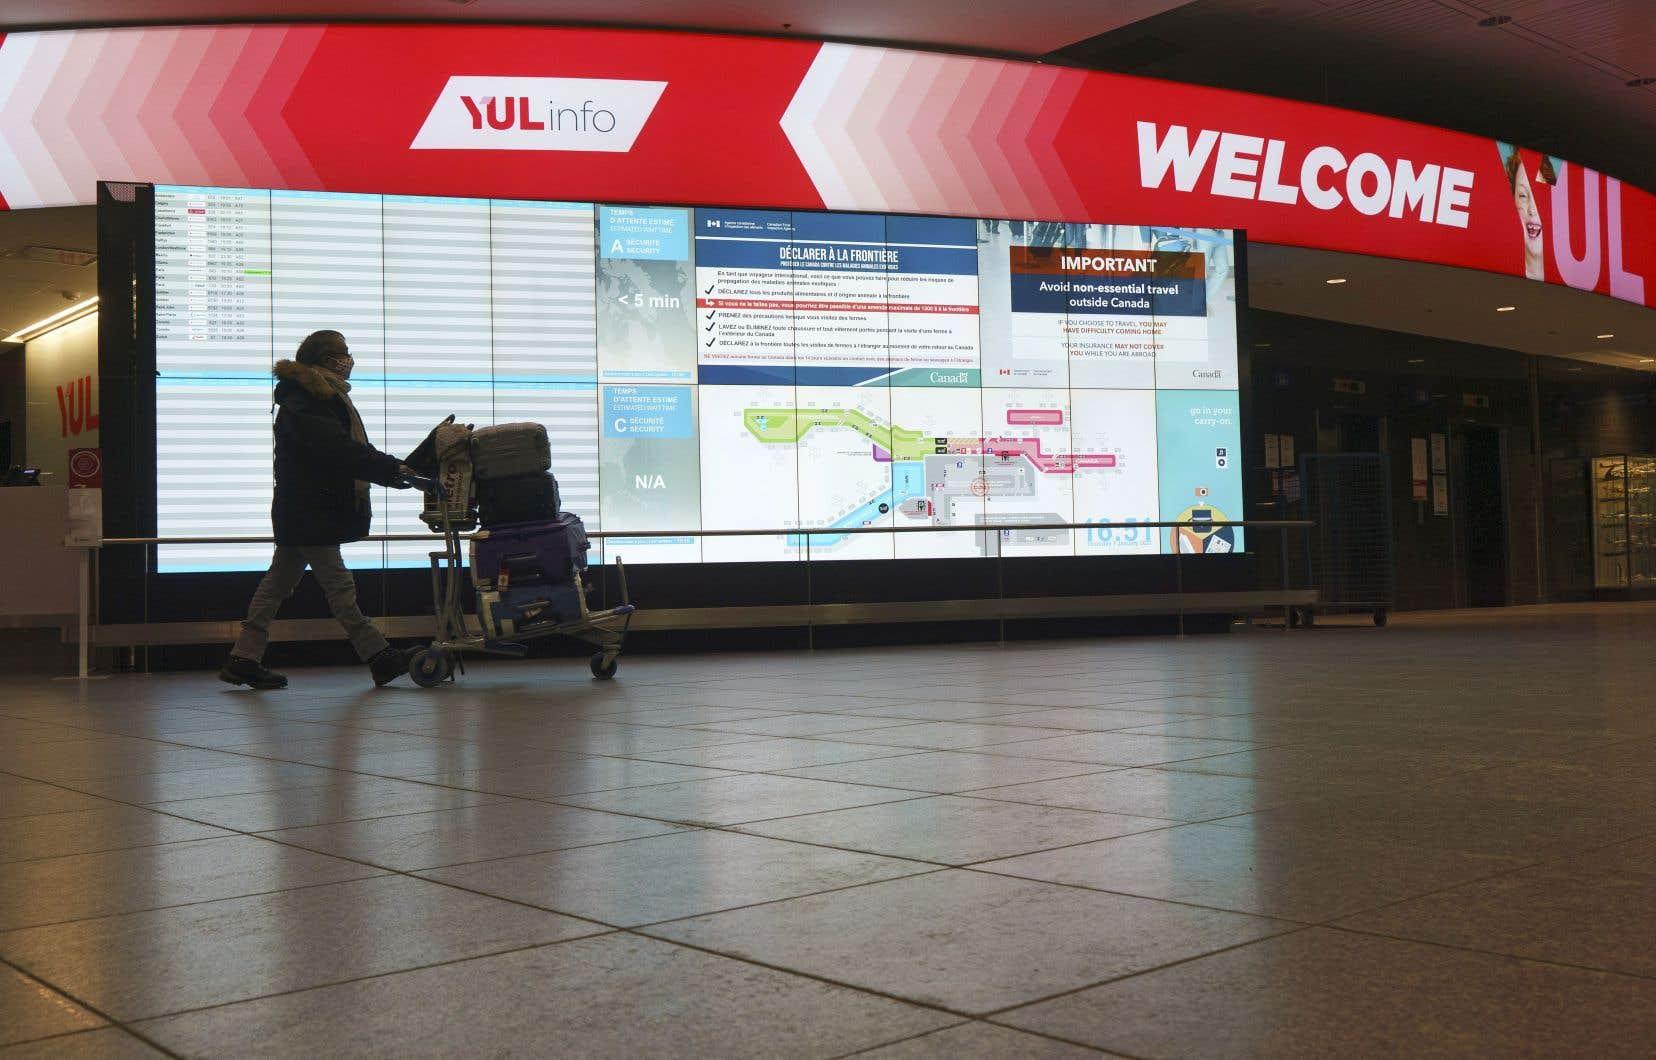 Le Canada a décrété le 25 mars 2020 que tous les voyageurs revenant de l'étranger devaient obligatoirement s'isoler quatorze jours après leur retour au pays, sauf pour quelques exceptions, comme les travailleurs essentiels.